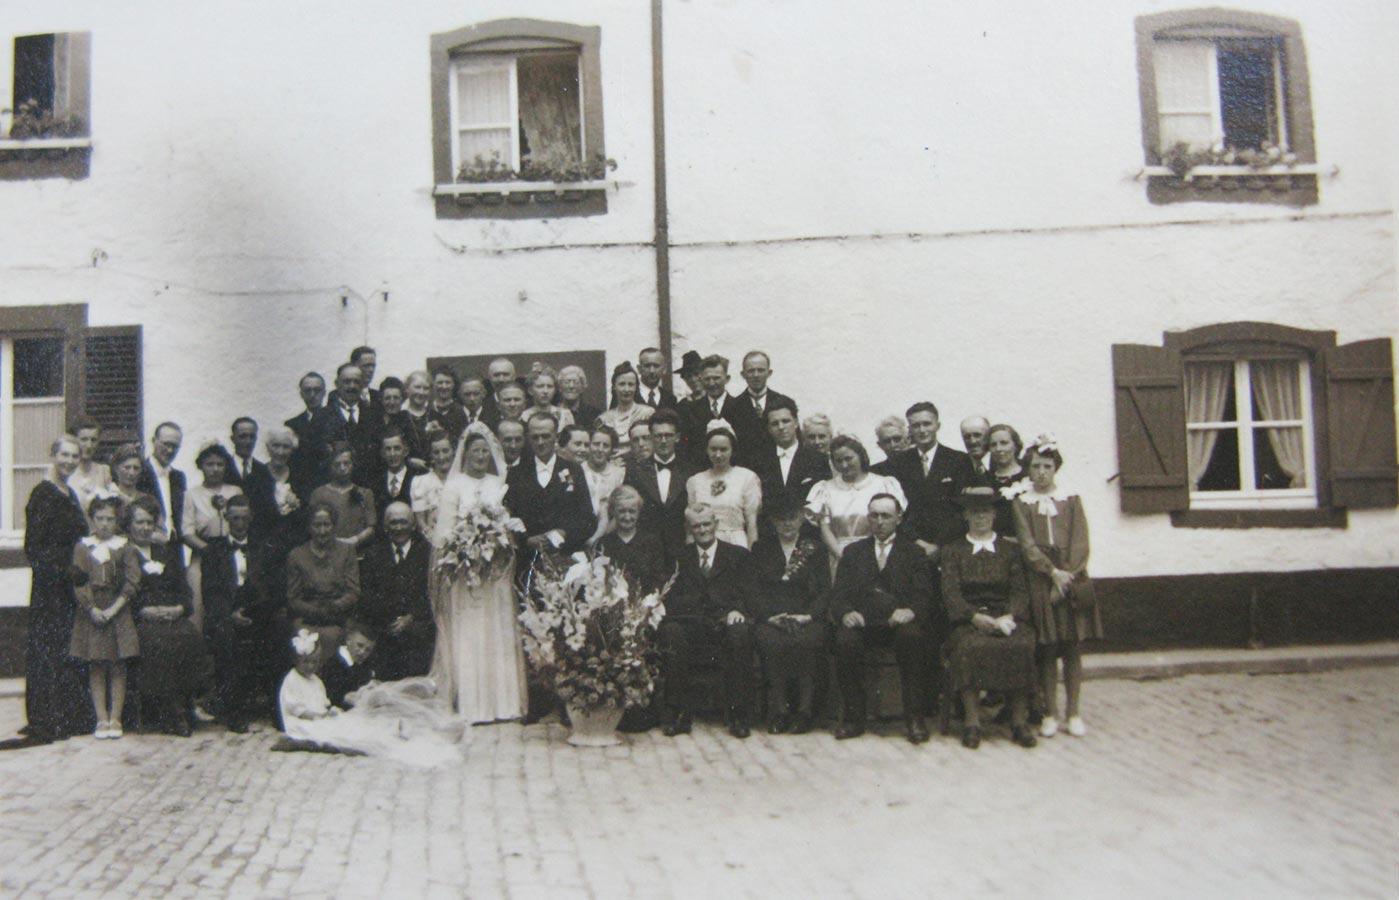 Mariage de / Hochzeit von Gertrud Schmitz et / und Theodore Mangen à / in Insenborn, 1941 © photographe inconnu, droits réservés